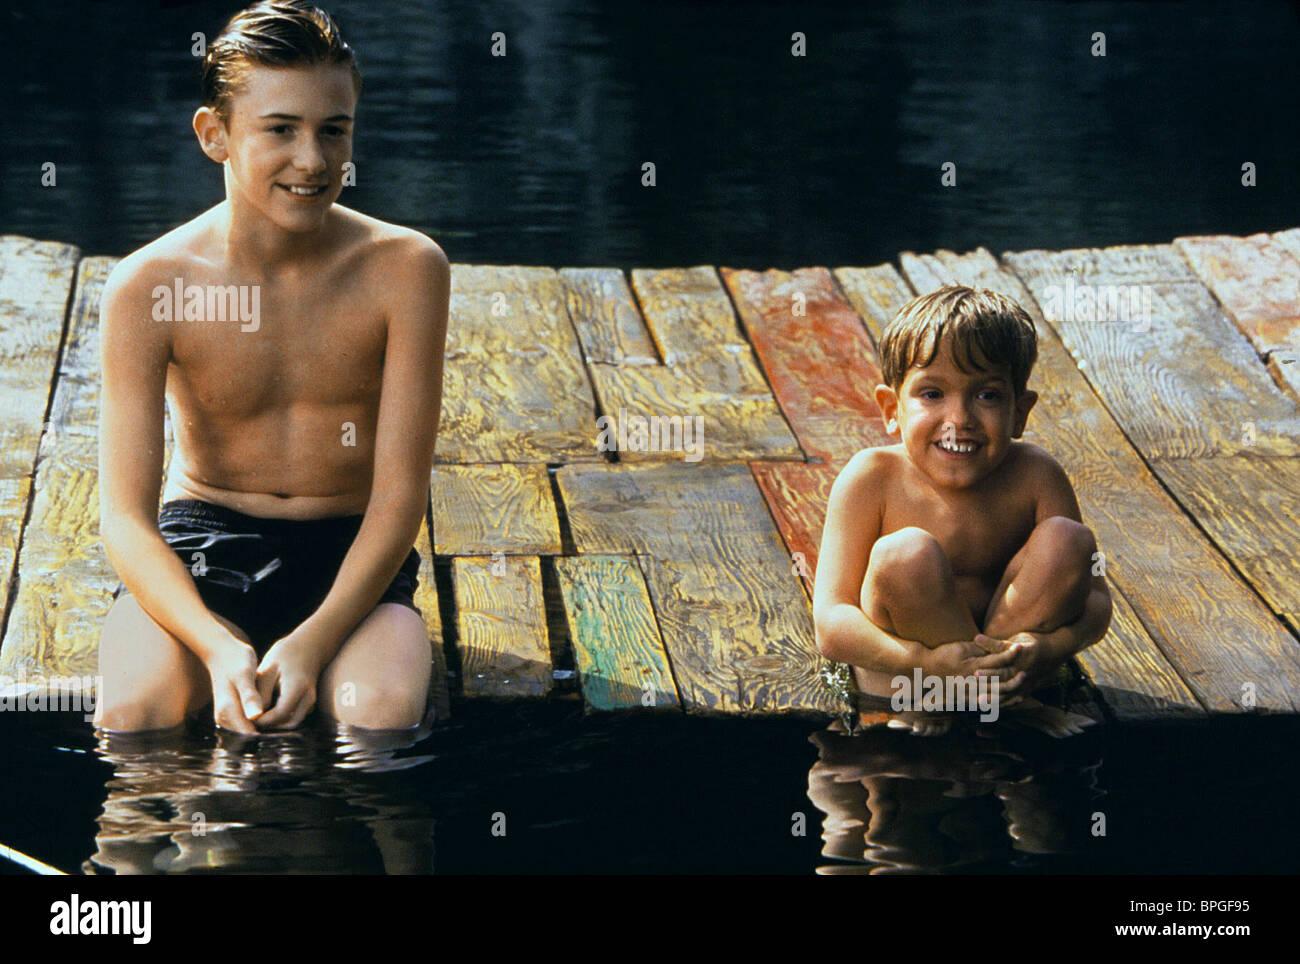 JOSEPH MAZZELLO, IAN MICHAEL SMITH, SIMON BIRCH, 1998 - Stock Image